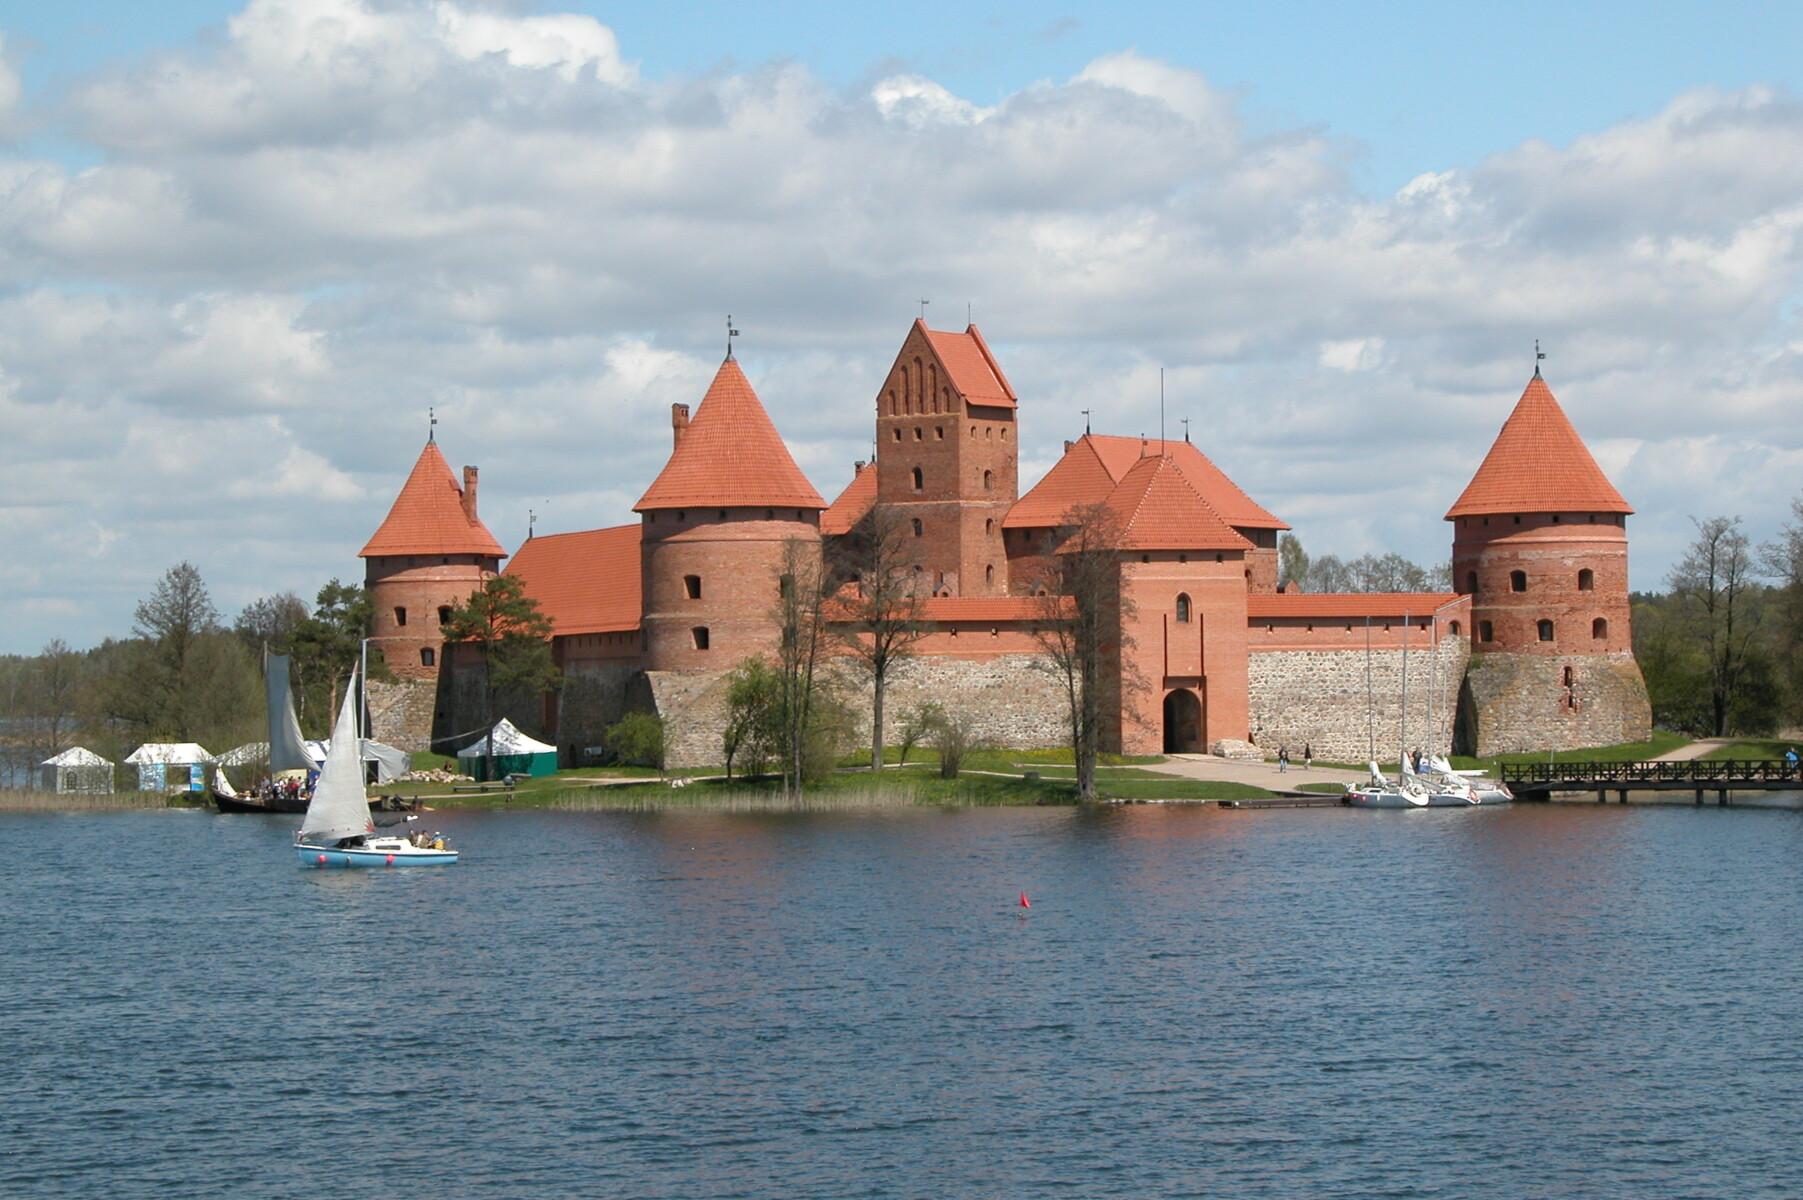 ENTFÄLLT Baltikum - UNESCO-Weltkulturerbe 2021   Union Reiseteam